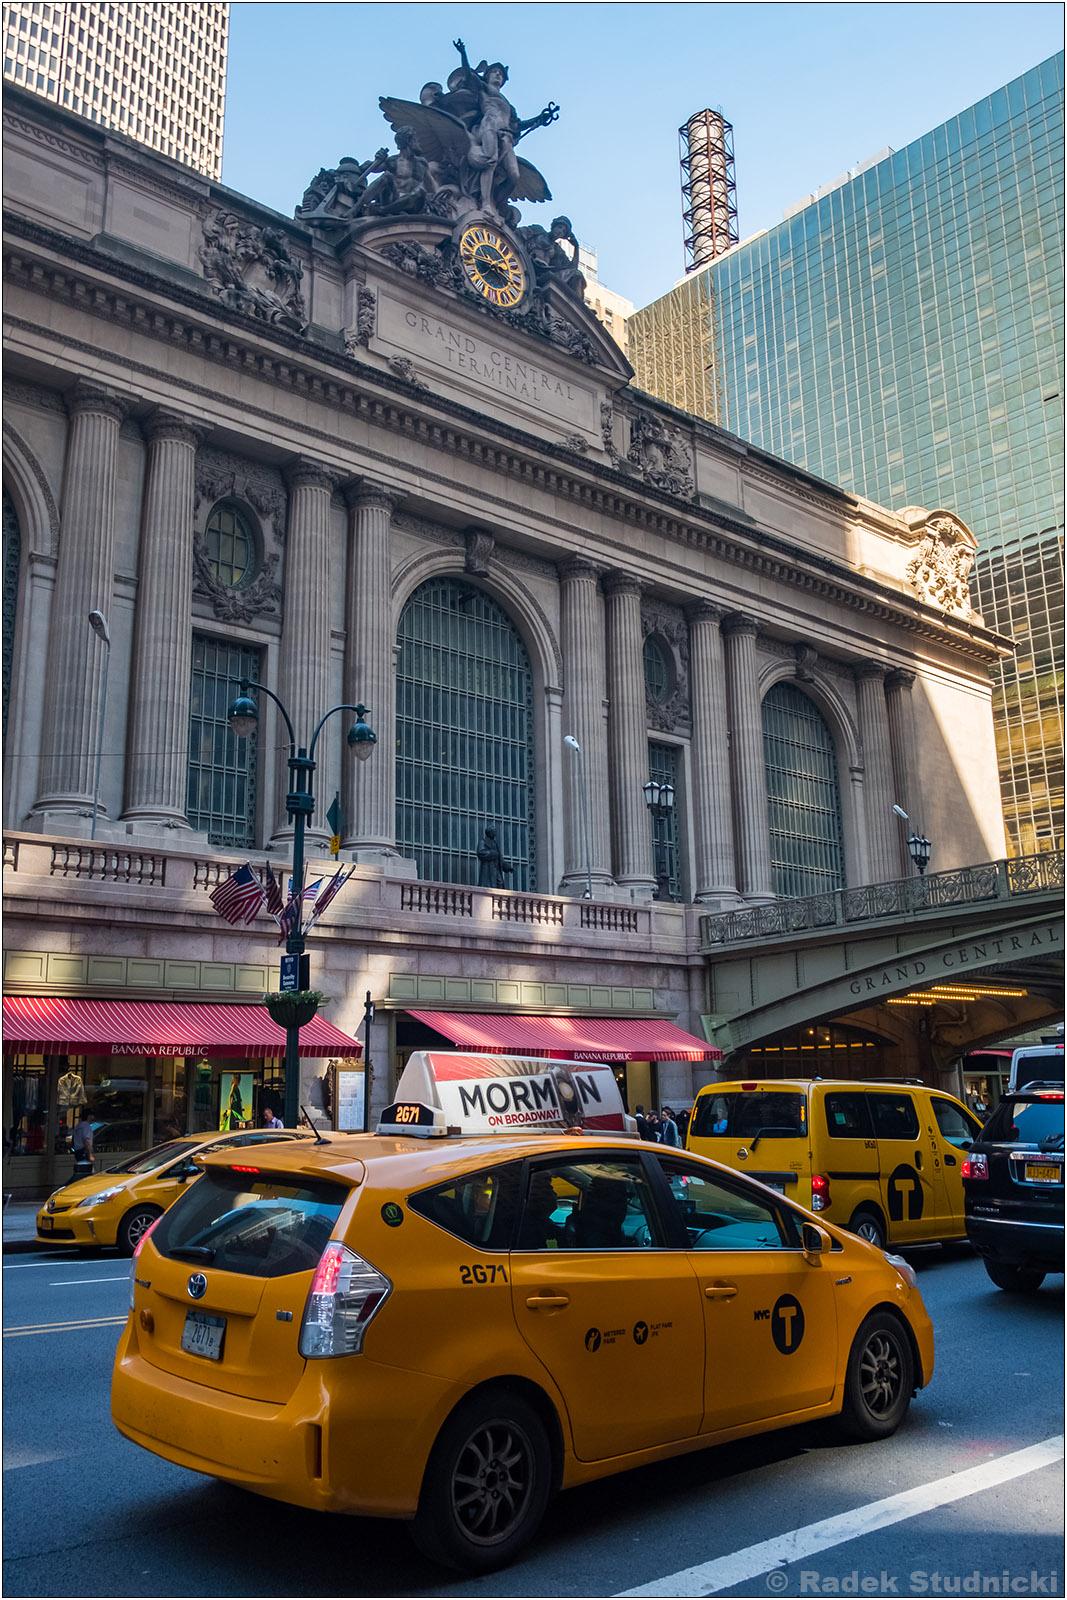 Żółta taksówka przed Grand Central Terminal